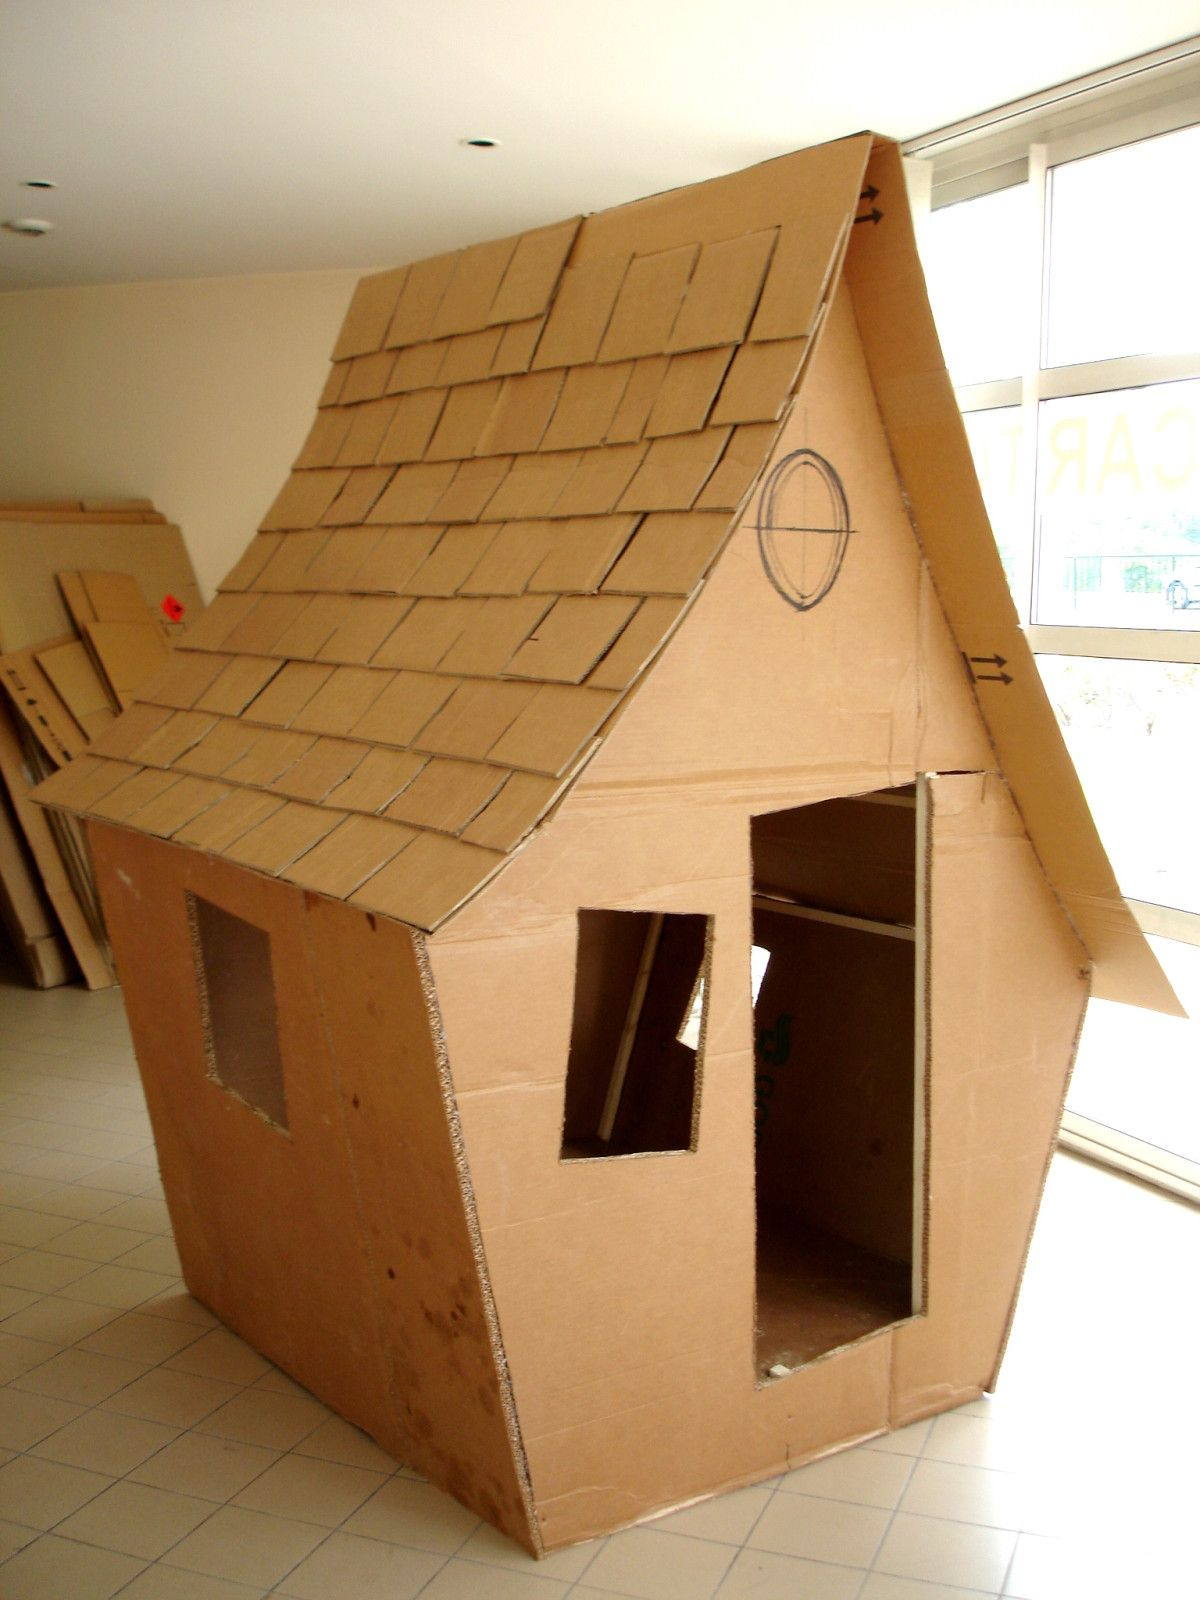 Cabane En Carton Diy image cabane carton - recherche google | cabane en carton